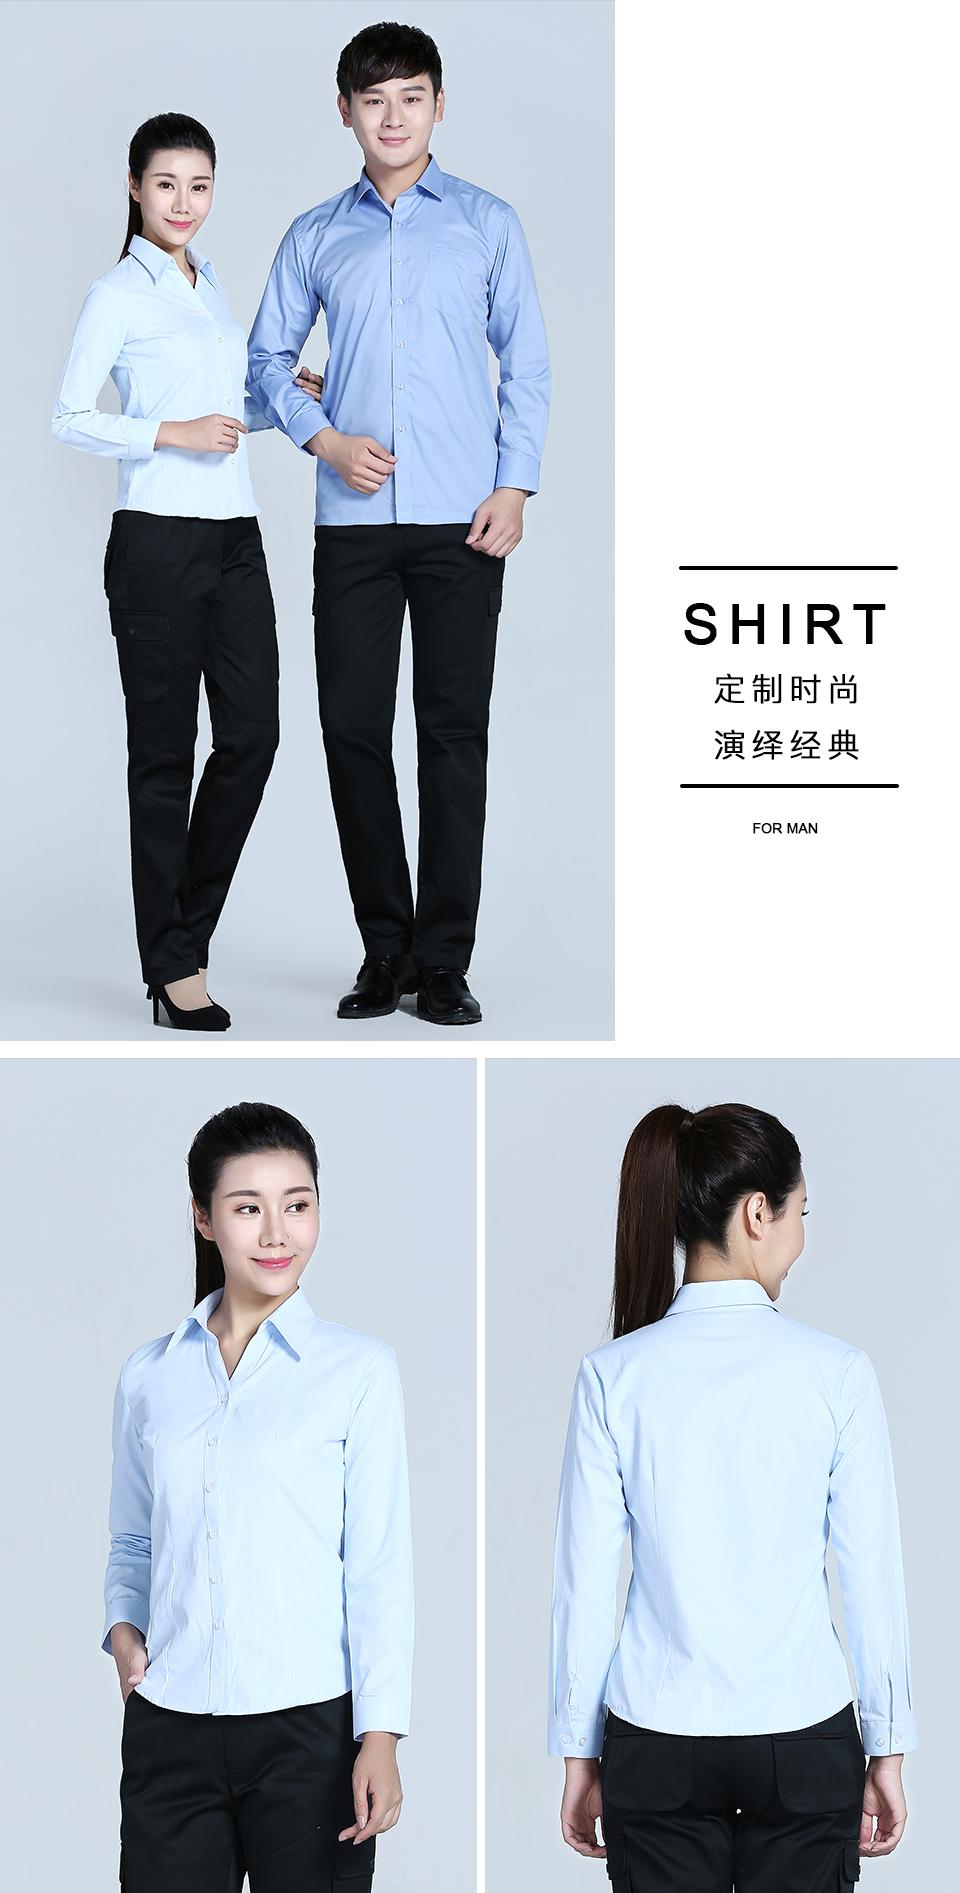 新款衬衫湖蓝男全棉蓝色长袖衬衫